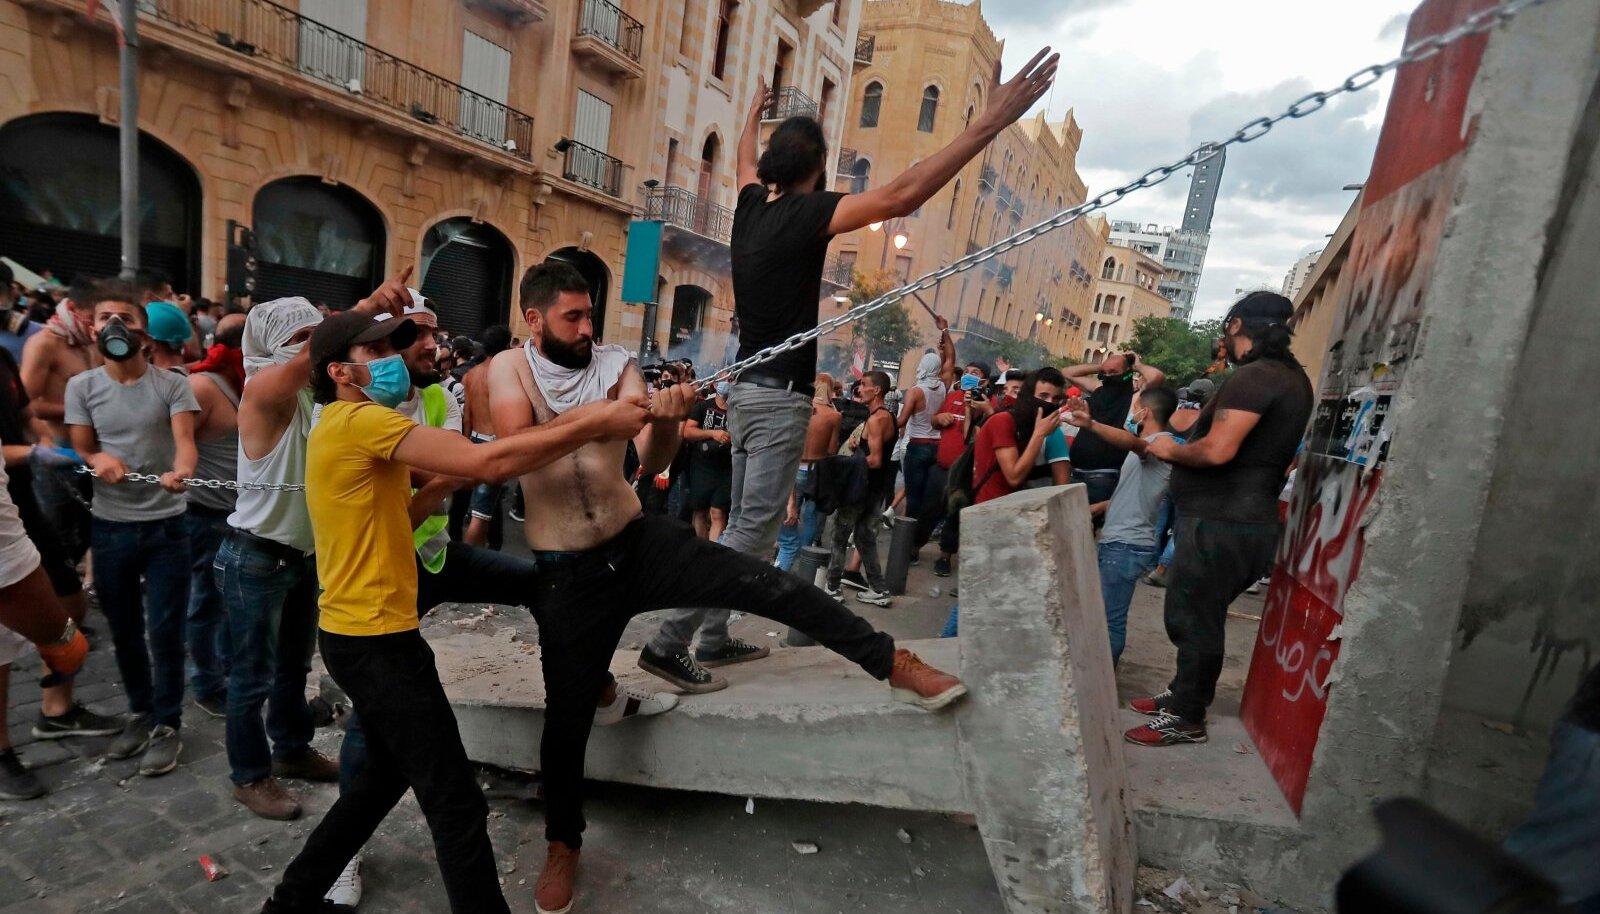 Hävitav plahvatus tõi Liibanonis valitsusvastased meeleavaldused. Nüüd on valitsus teatanud tagasiastumisest.